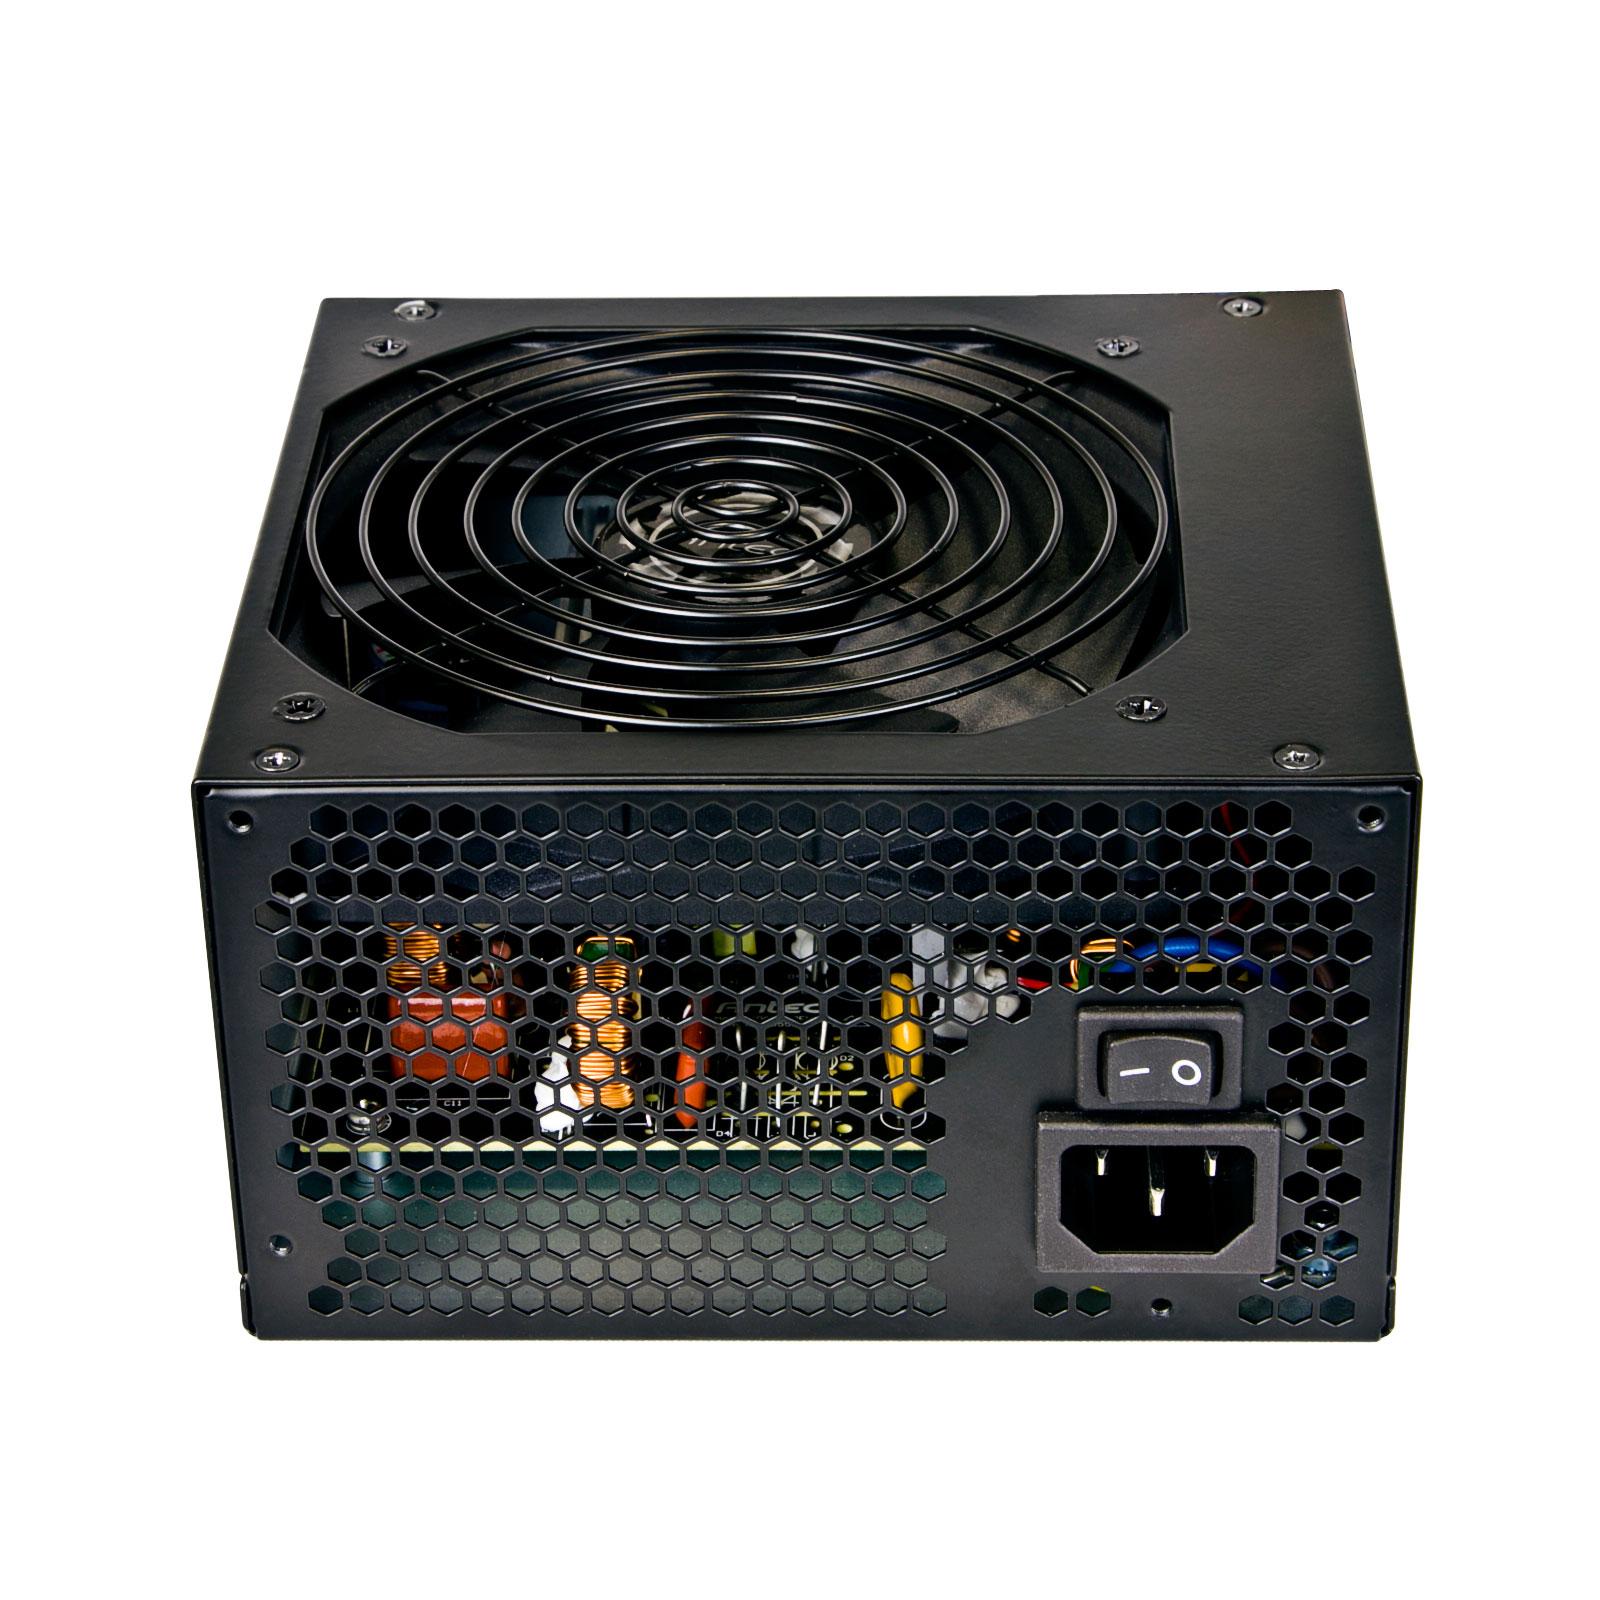 Alimentation PC Antec VP 400PC Alimentation 400 Watts ATX12V 2.4 (garantie 2 ans par Antec)